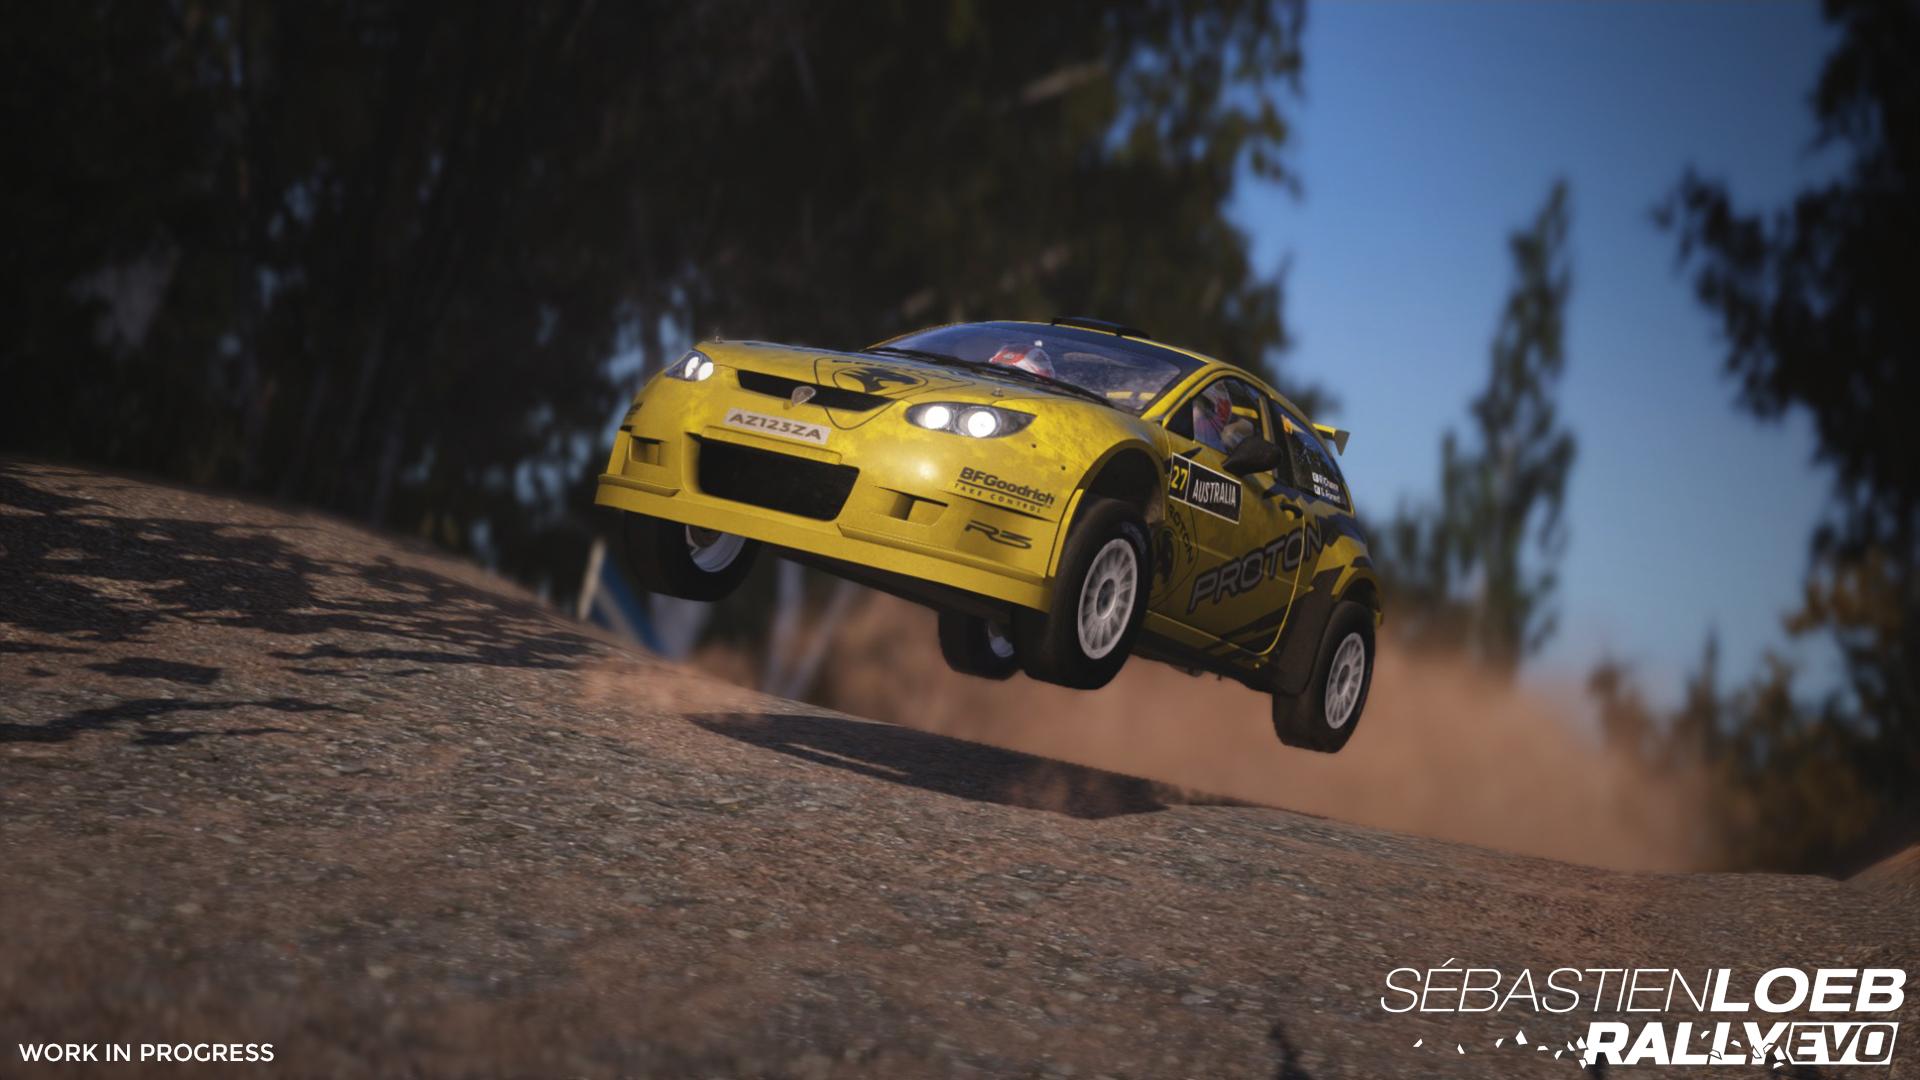 Sébastien Loeb Rally Evo vyjde 29. ledna 115000